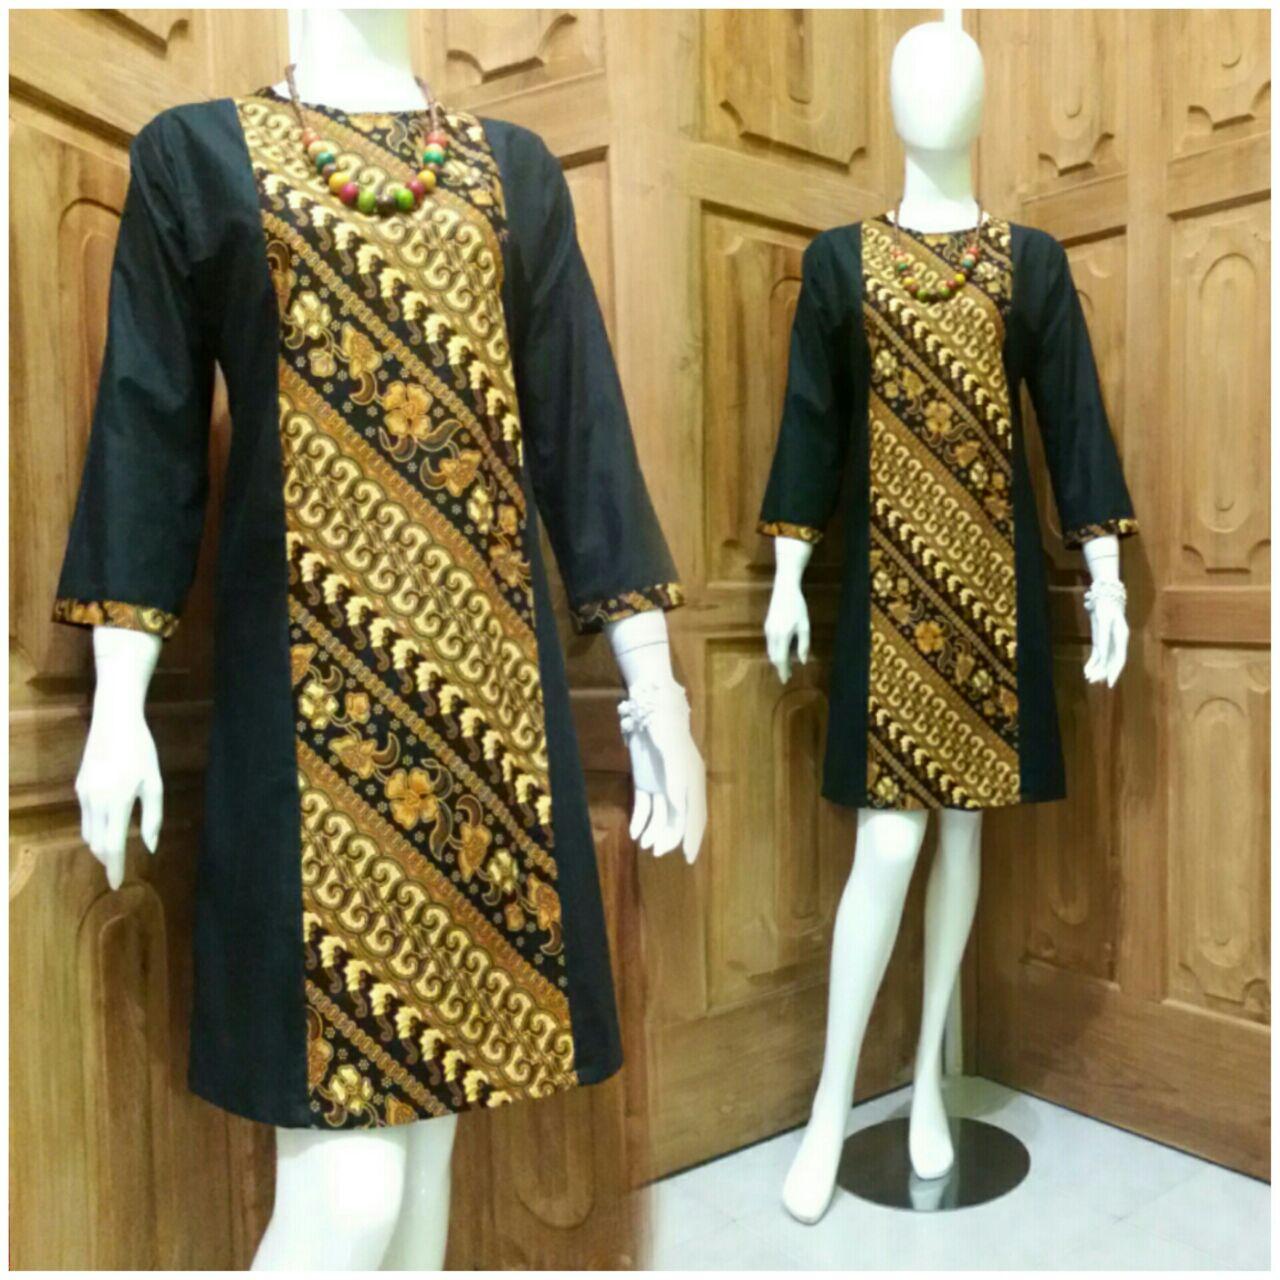 Baju Batik Wanita Ukuran Jumbo: Jual Batik Wanita/ Tunik Sogan/ Baju Batik Kantor/ Batik